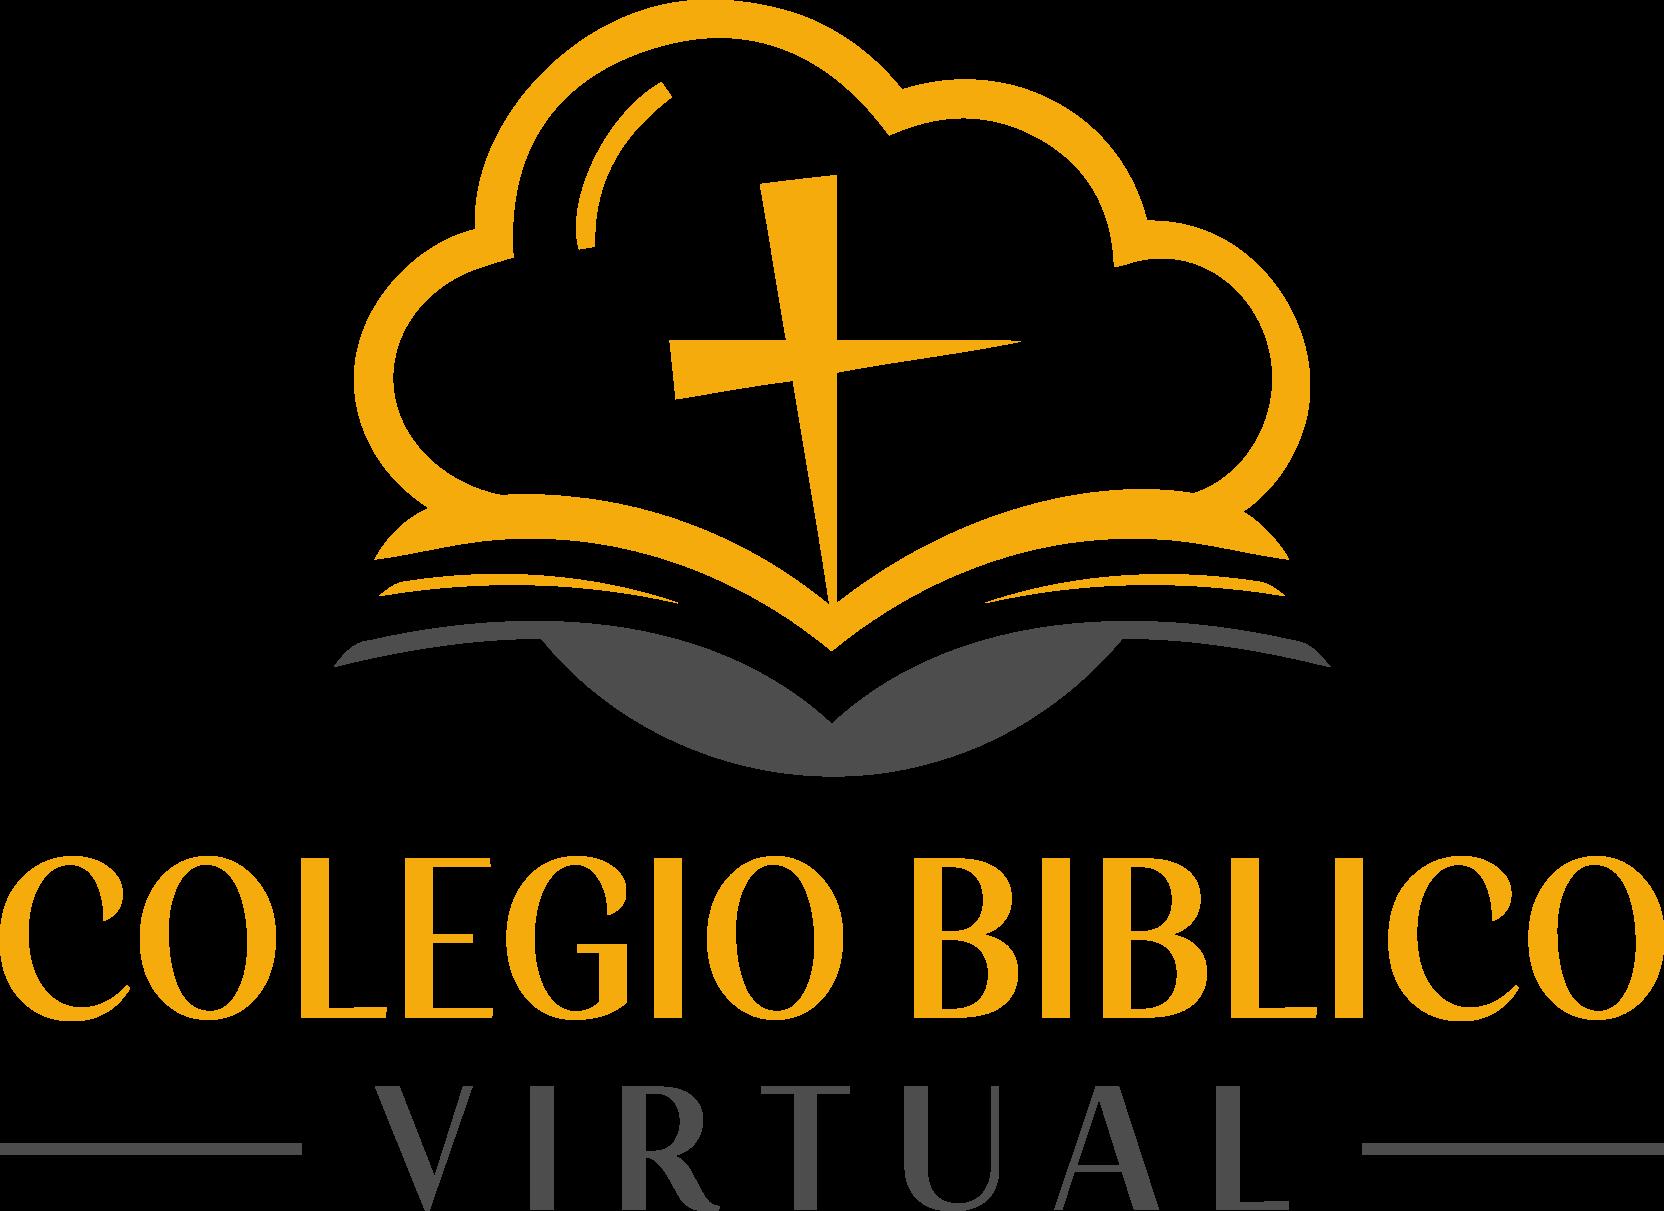 Colegio Bíblico Virtual